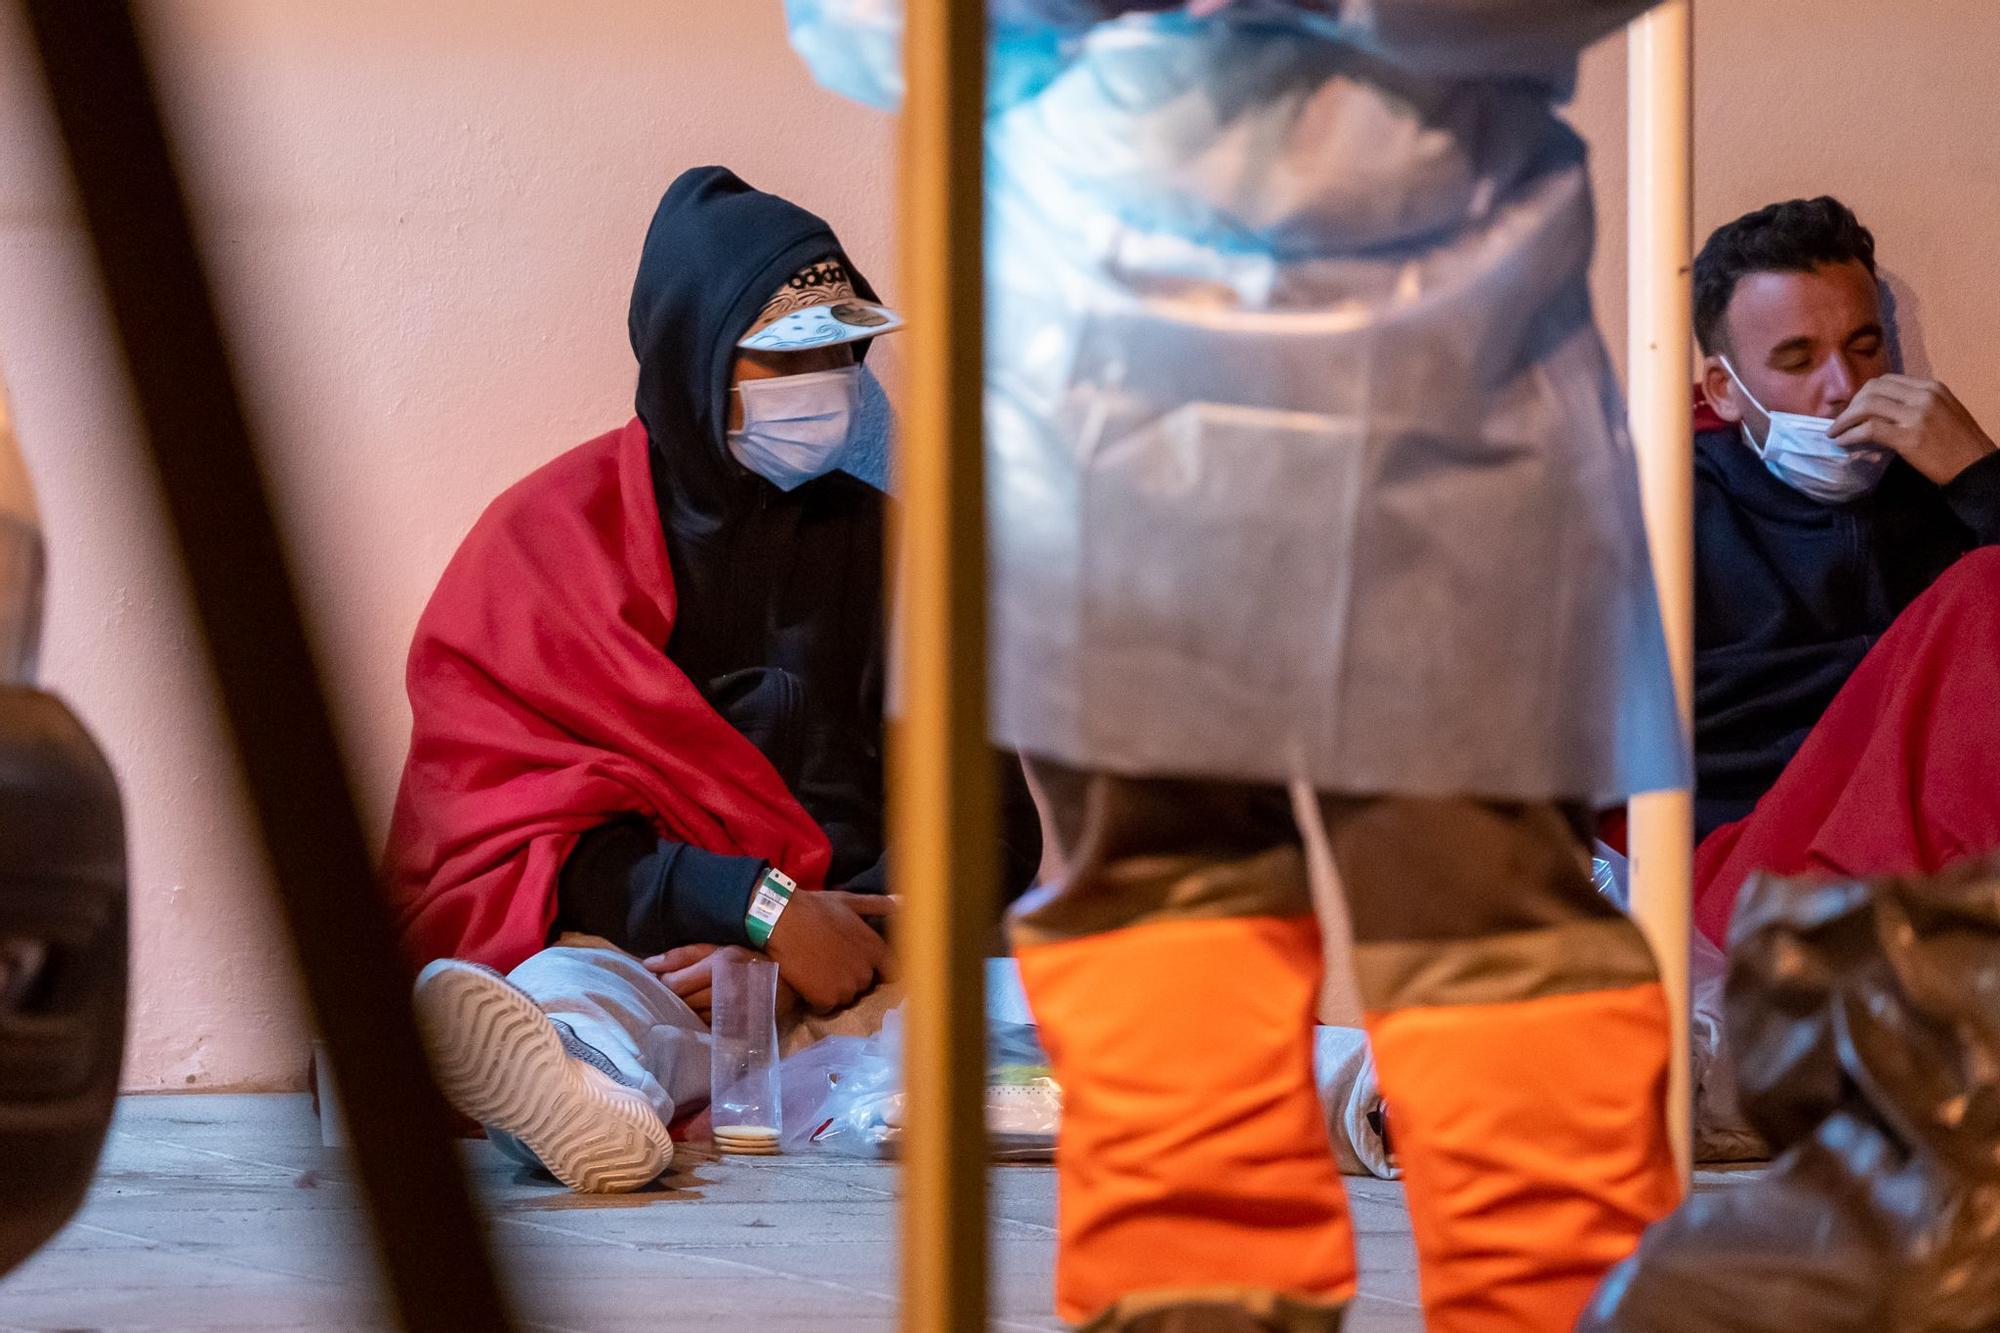 29 migrantes llegan a la rampa de Punta Mujeres, en Lanzarote (27/08/2021)